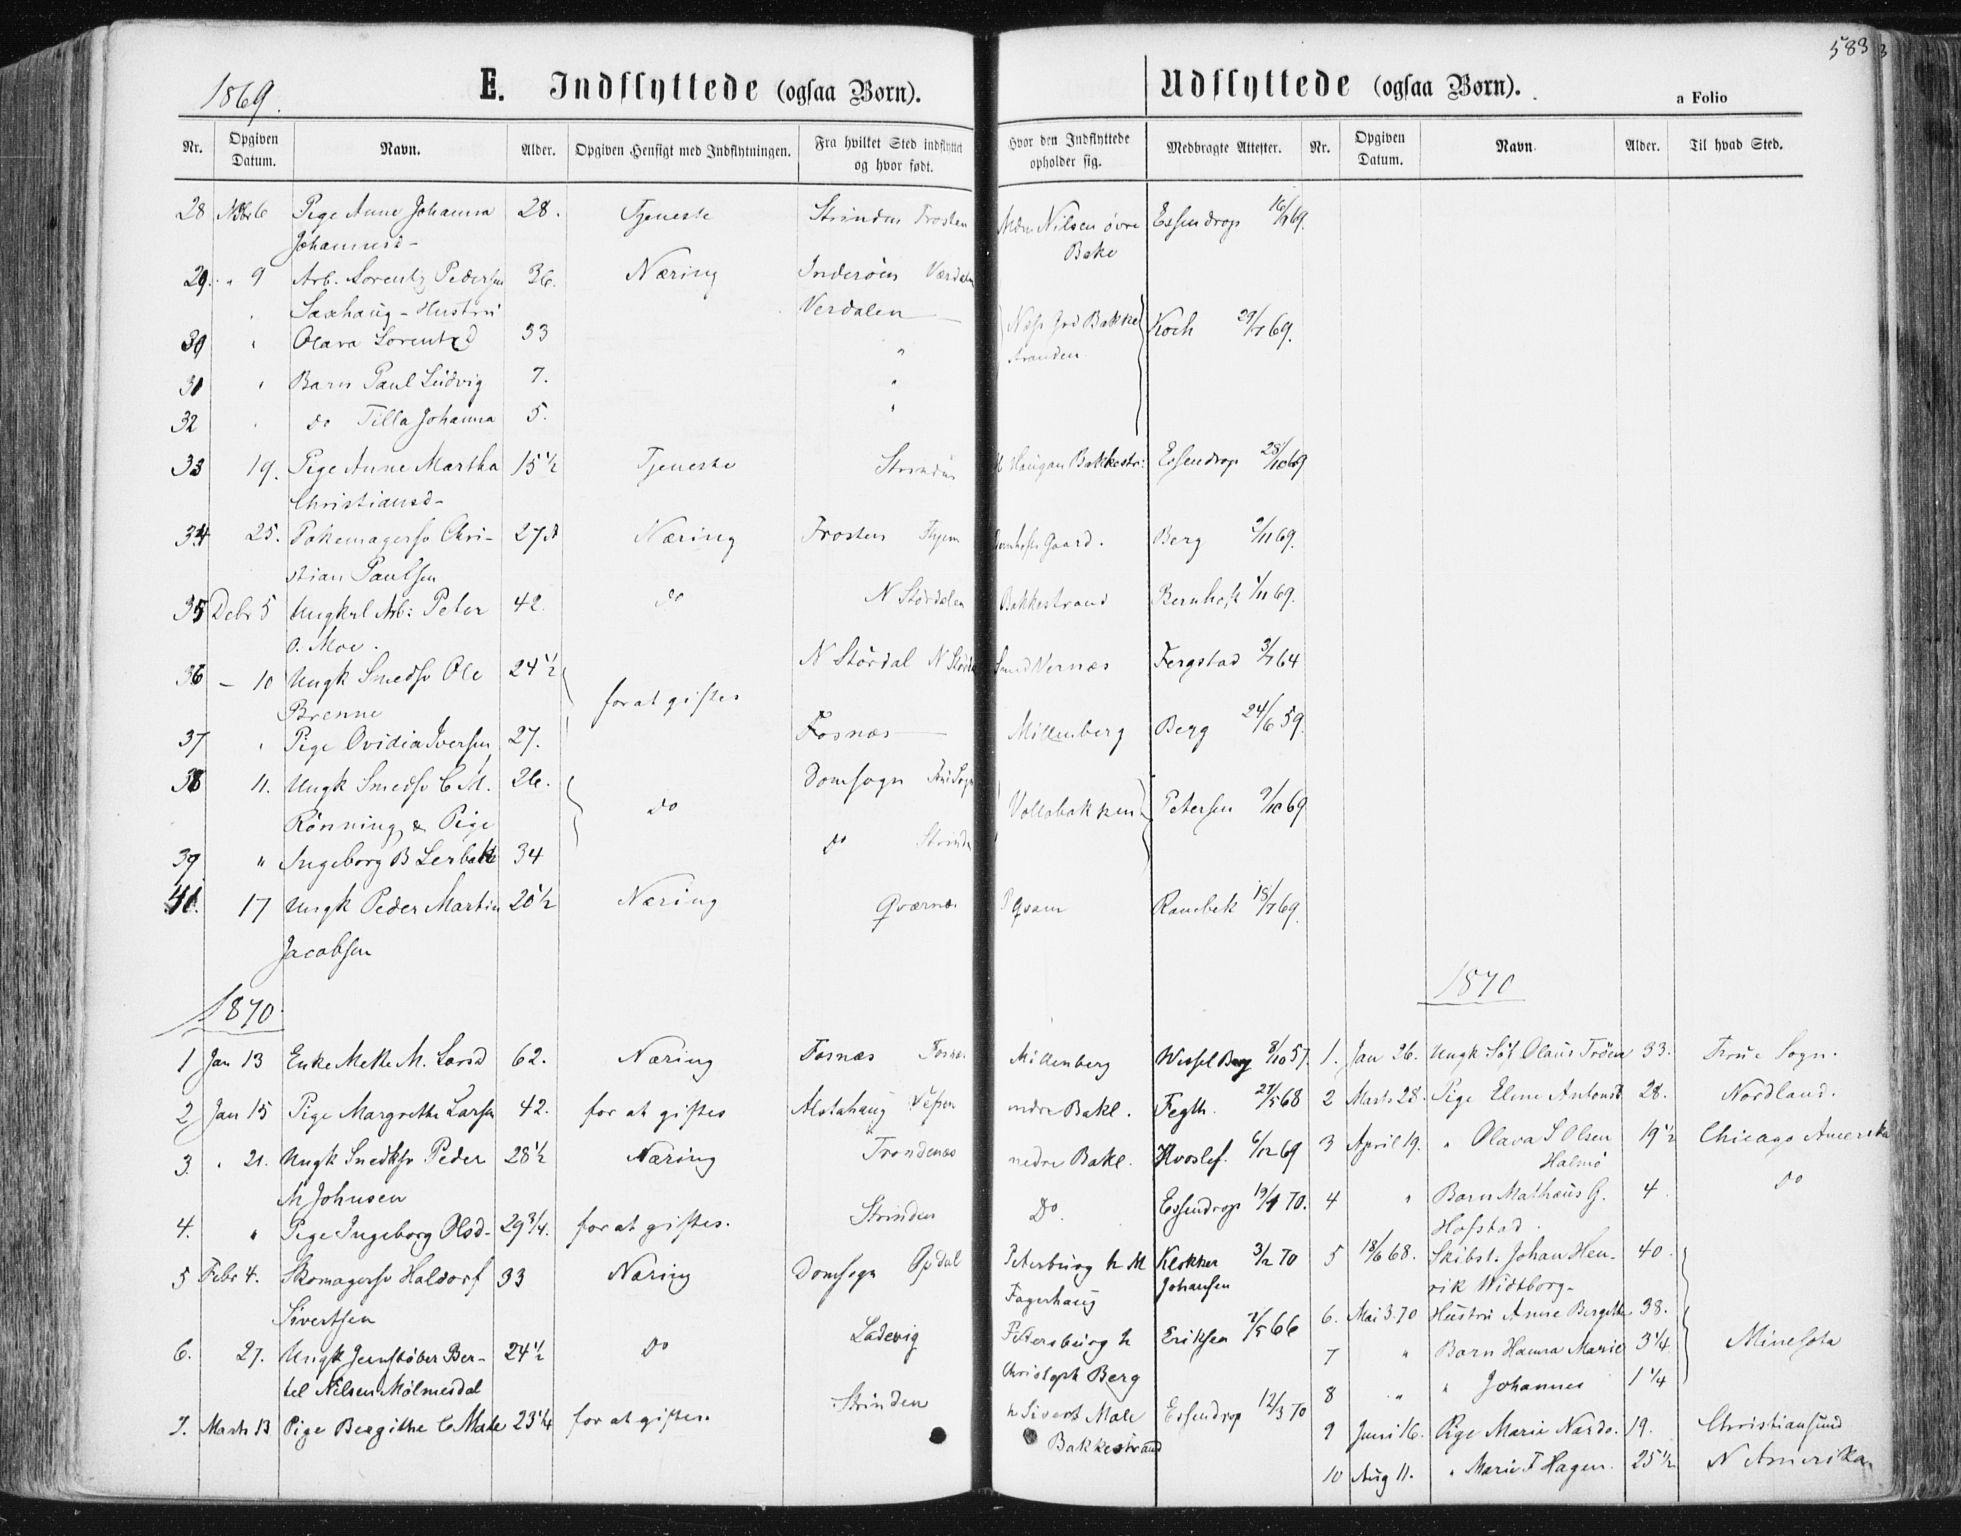 SAT, Ministerialprotokoller, klokkerbøker og fødselsregistre - Sør-Trøndelag, 604/L0186: Ministerialbok nr. 604A07, 1866-1877, s. 583